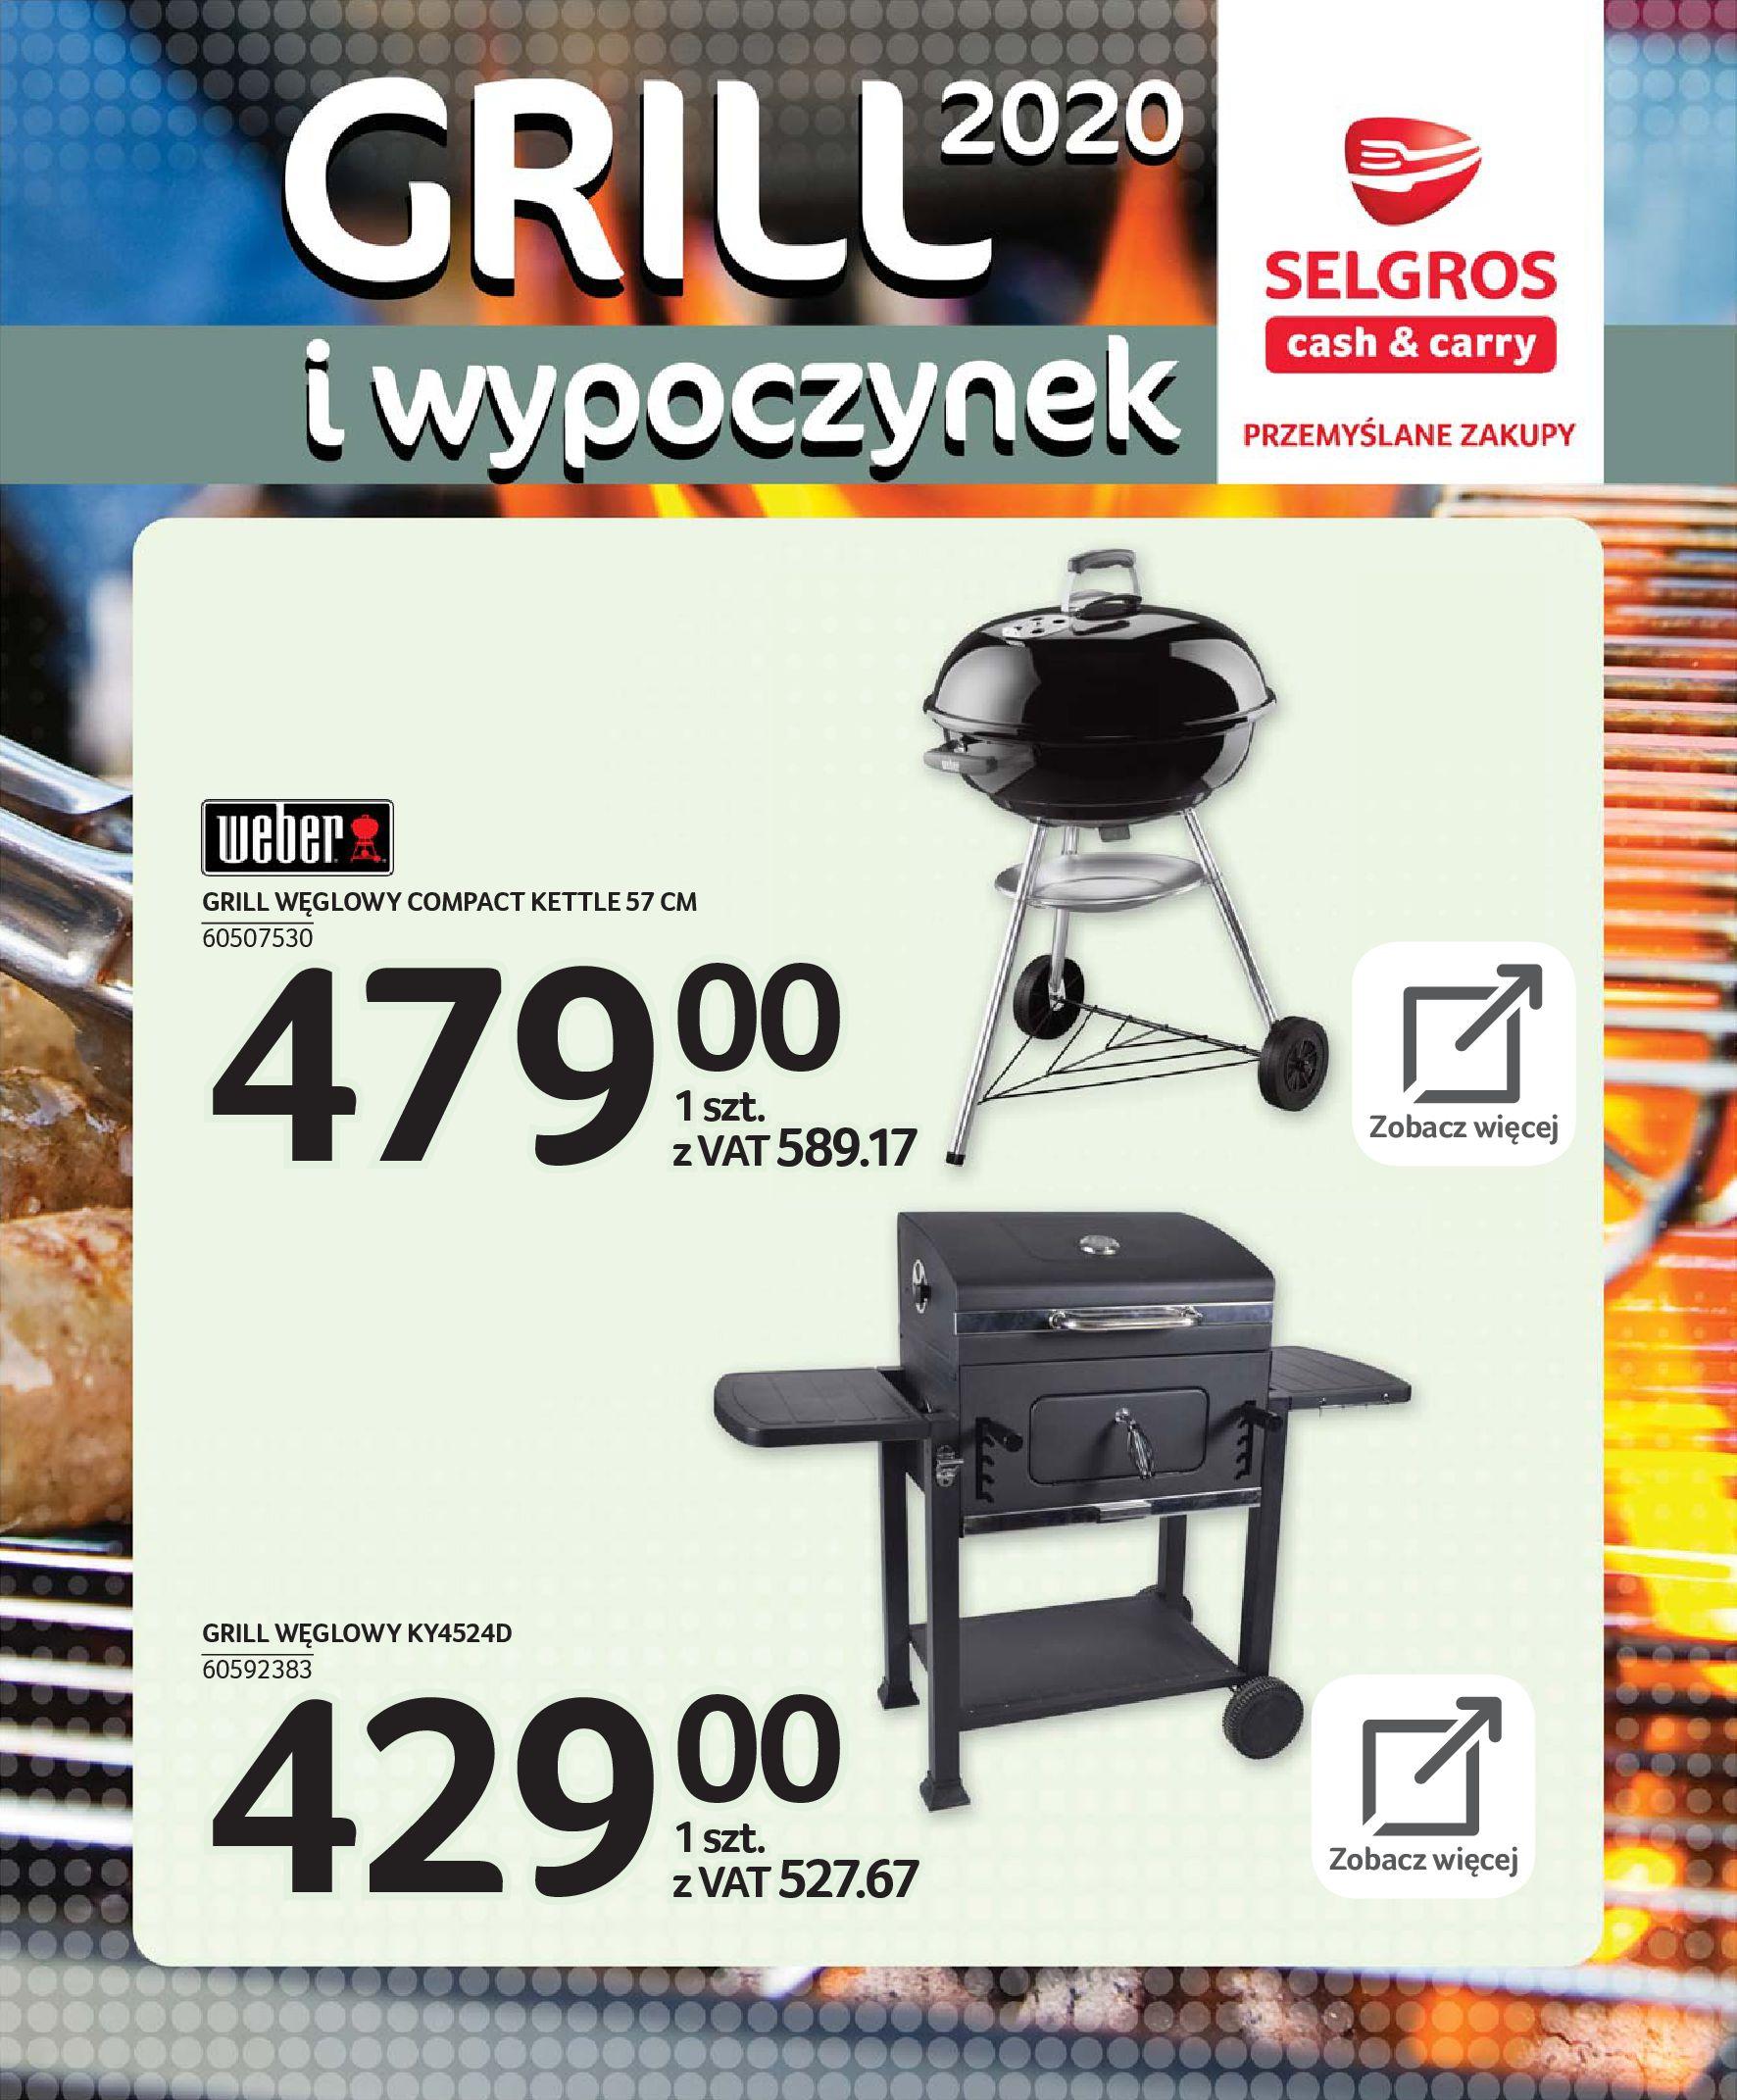 Gazetka Selgros - Katalog - Grill i wypoczynek-31.03.2020-31.08.2020-page-65